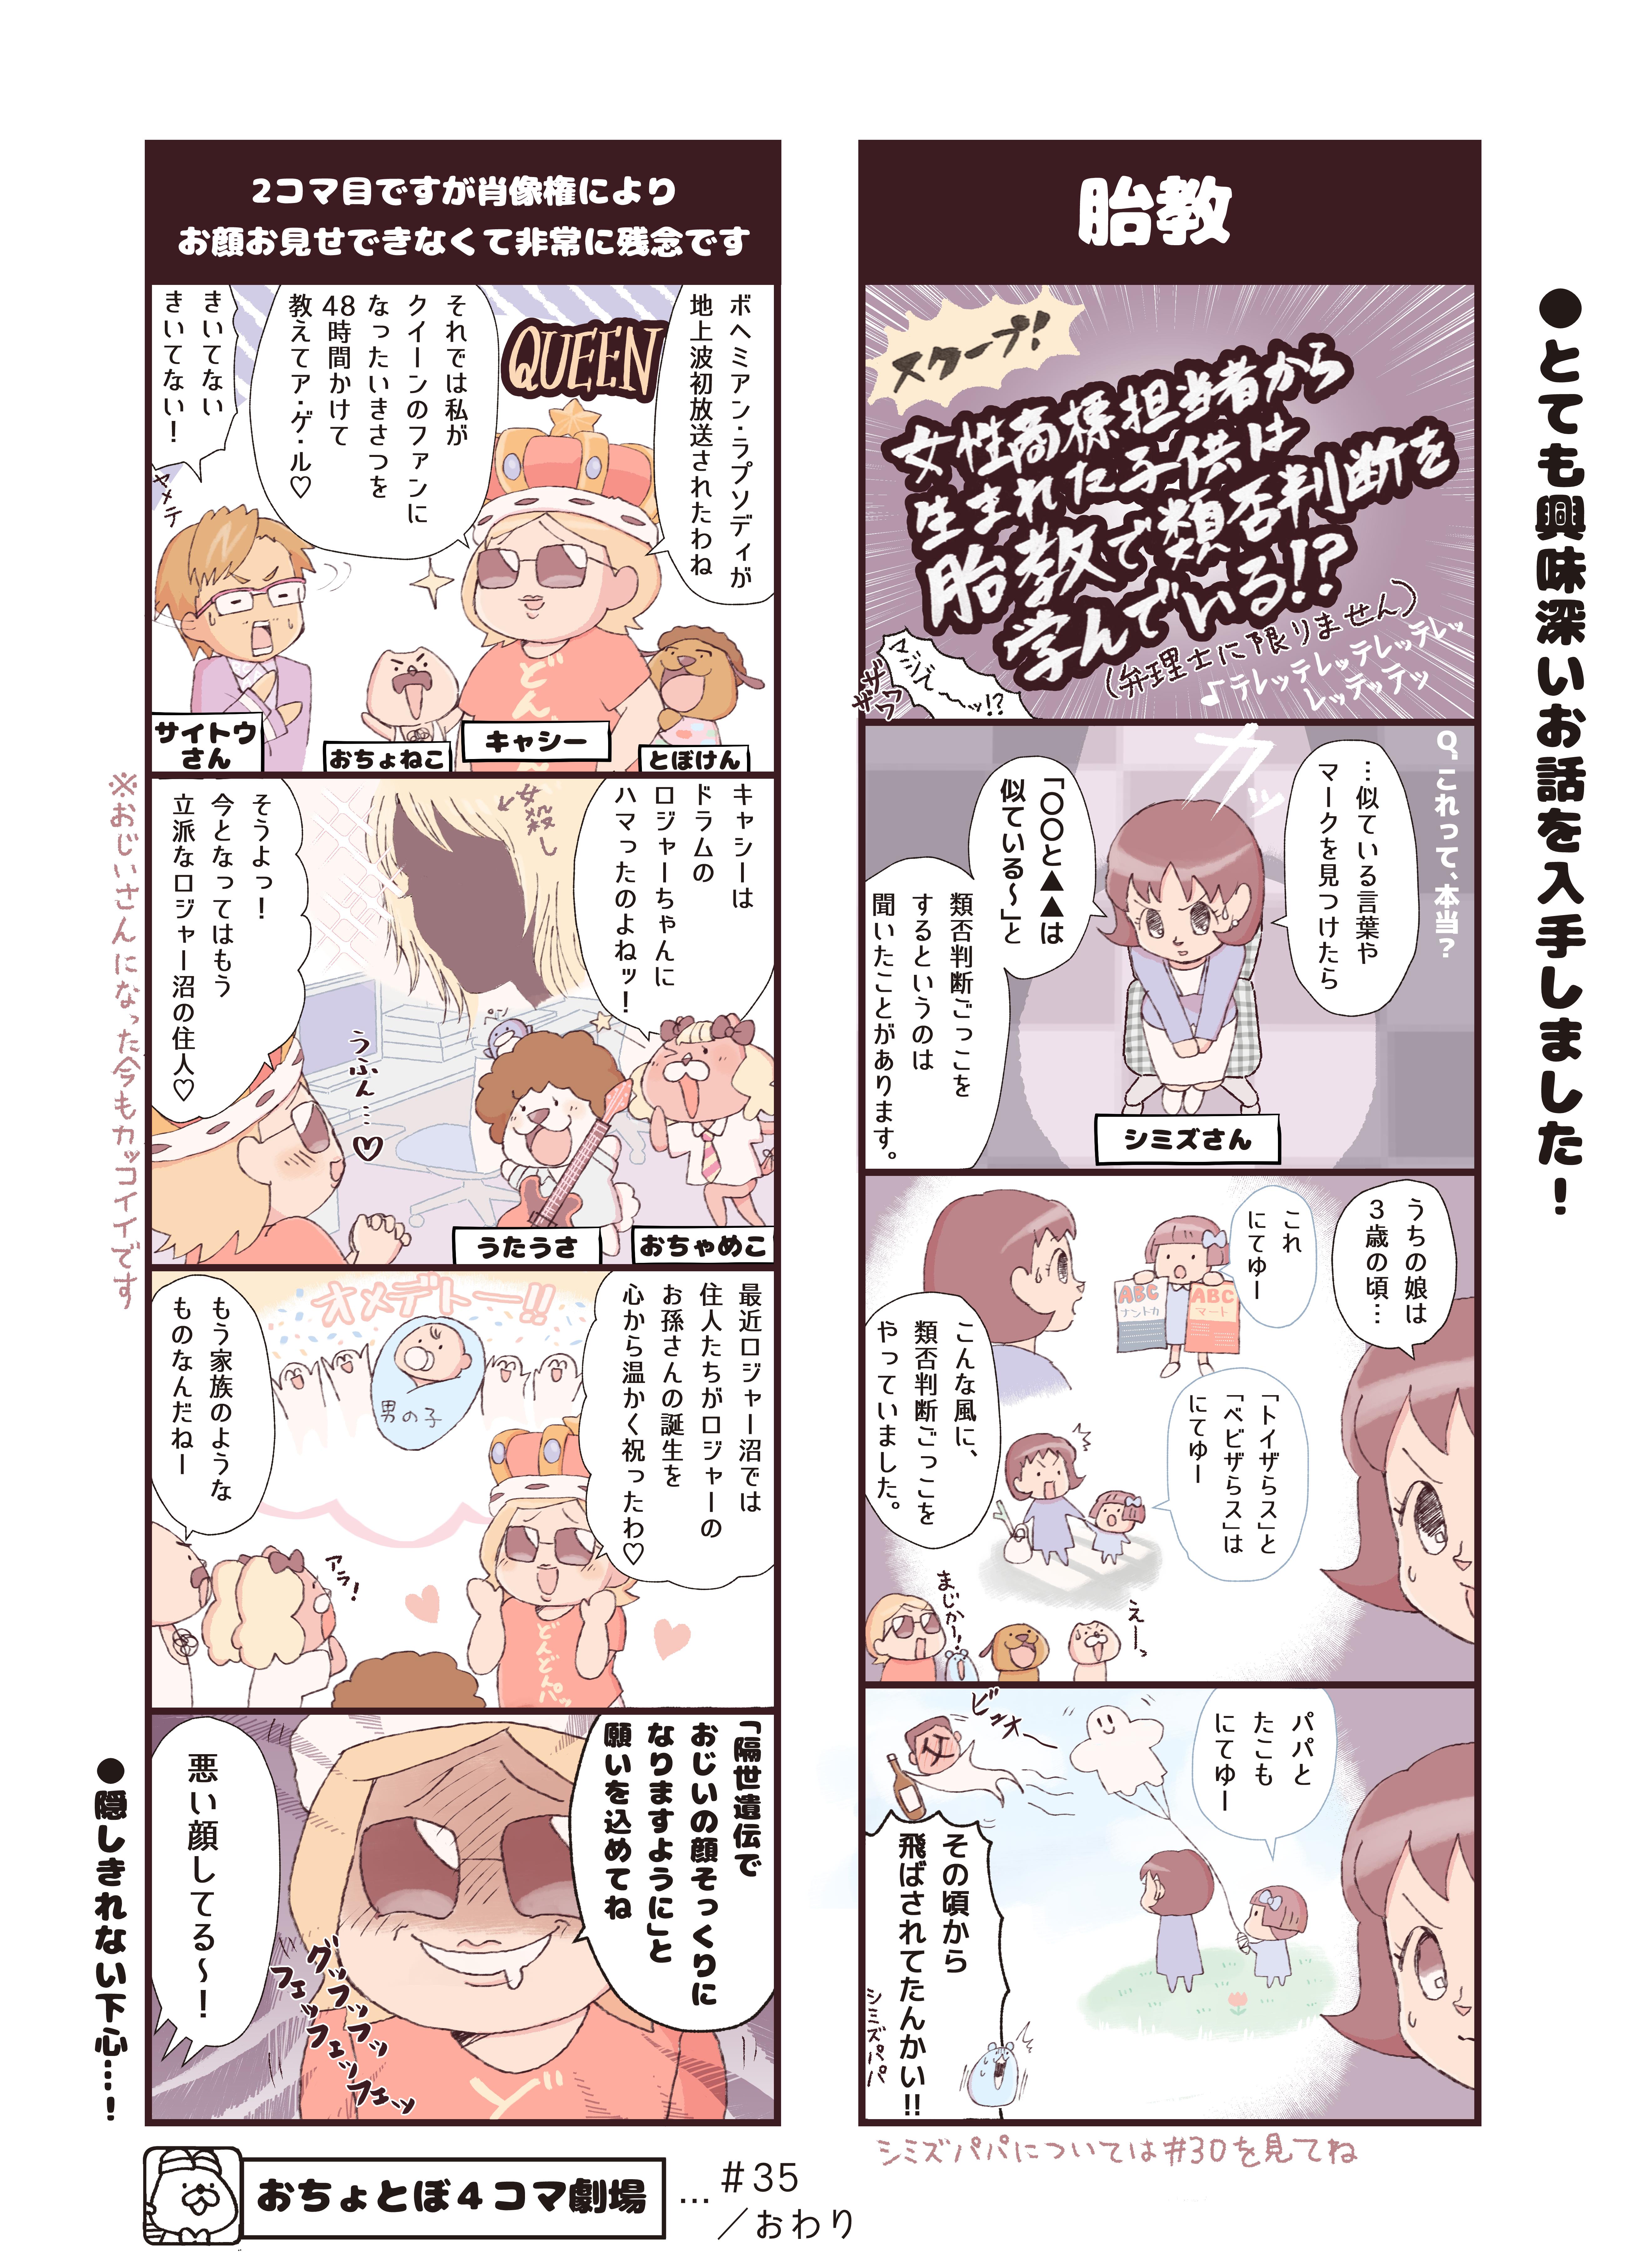 おちょとぼ4コマ劇場#35